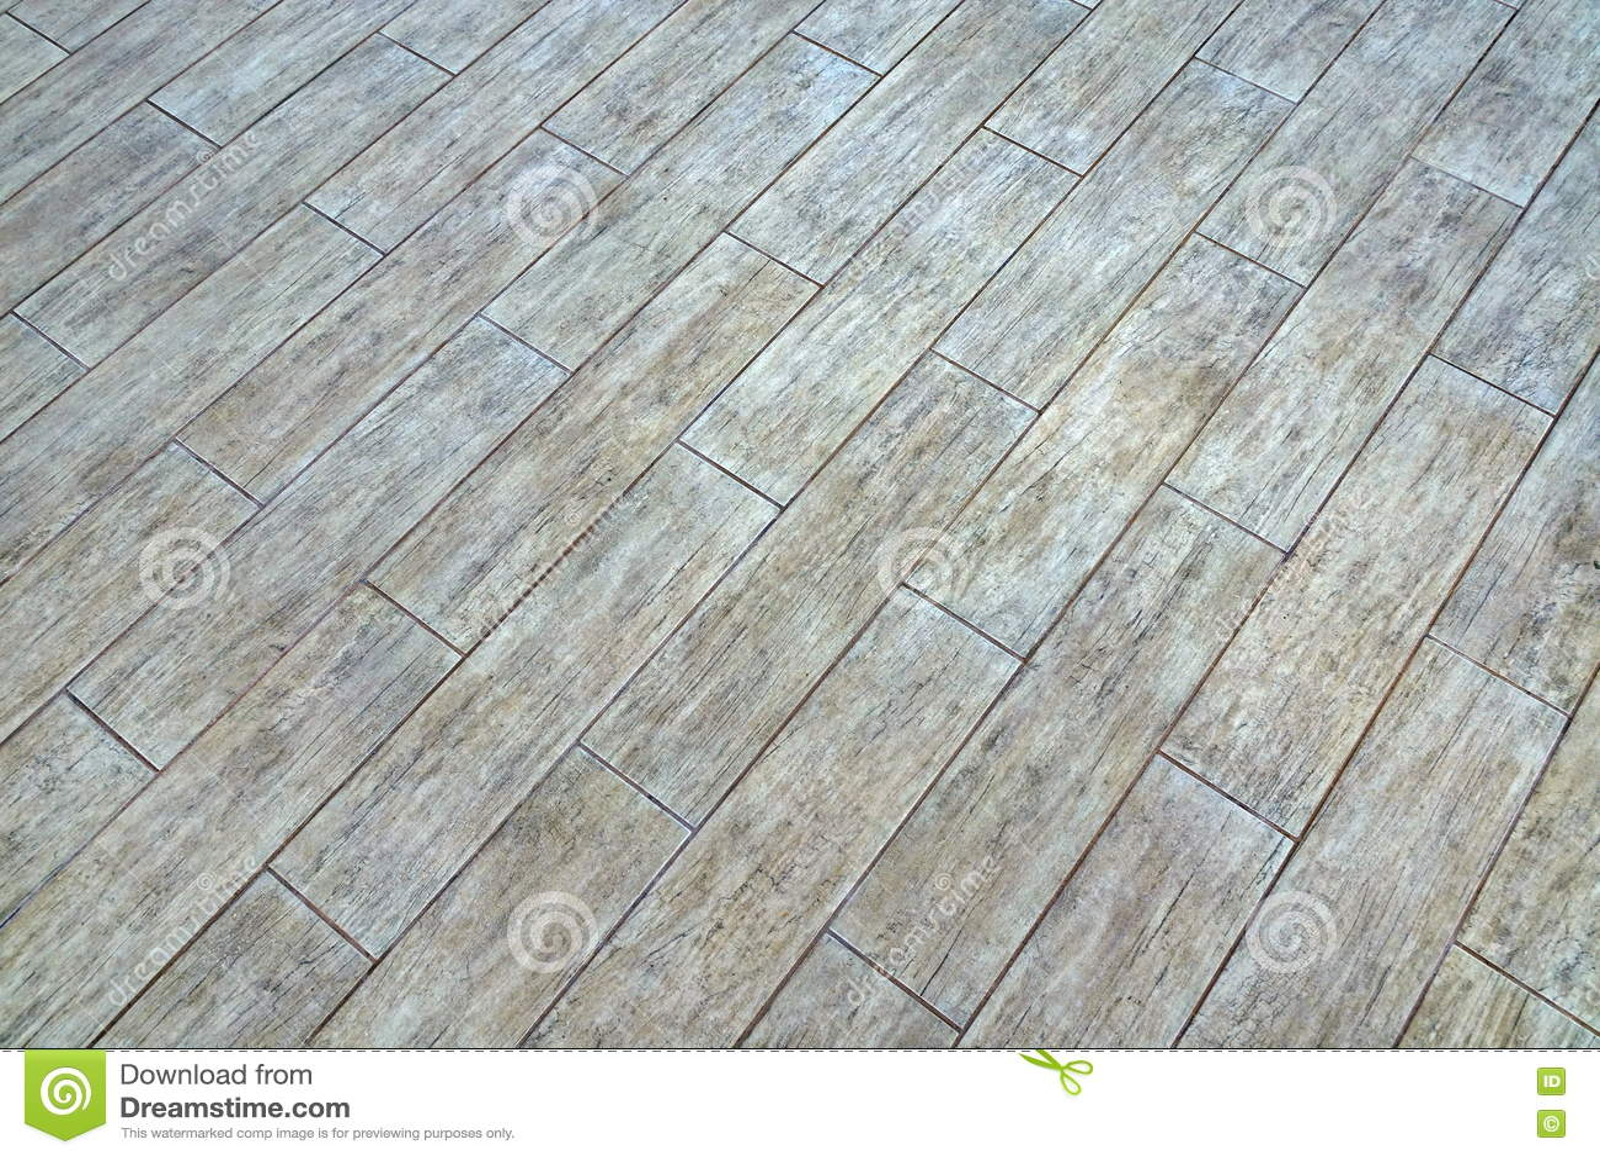 Piastrelle per pavimento ceramiche del parquet con ash wood textured